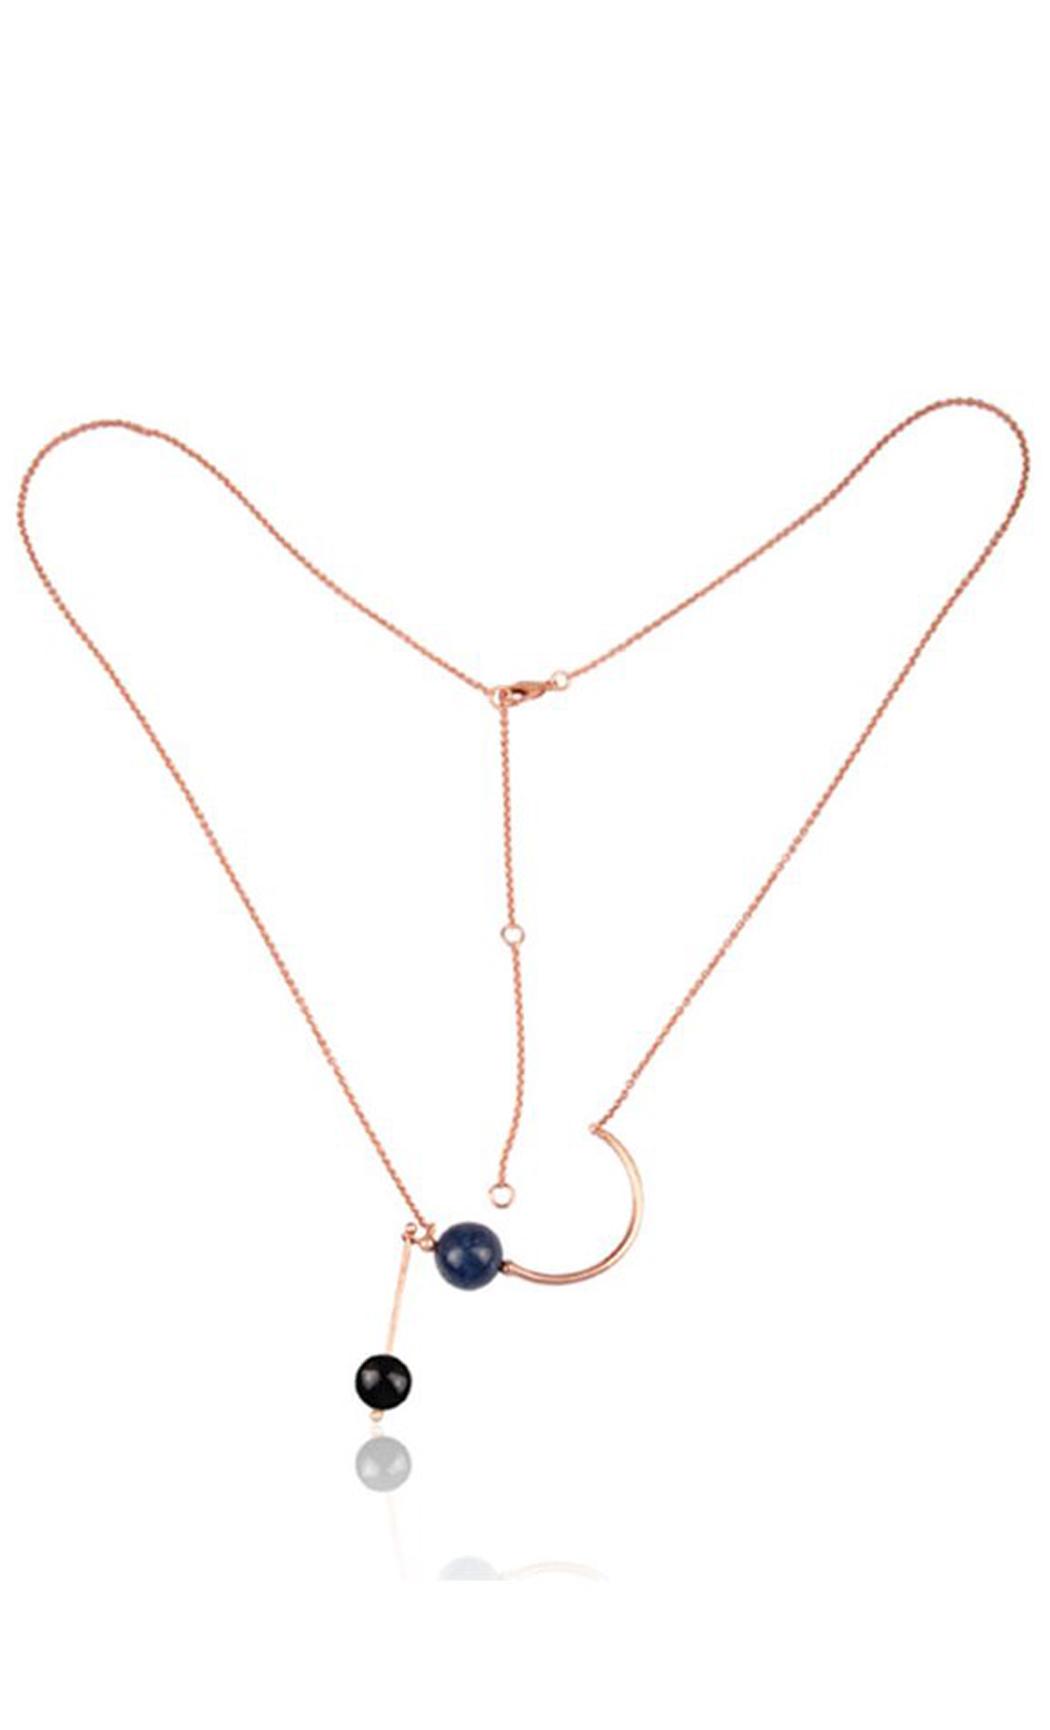 Half Moon Lapis-Onyx Necklace - Buy Now.